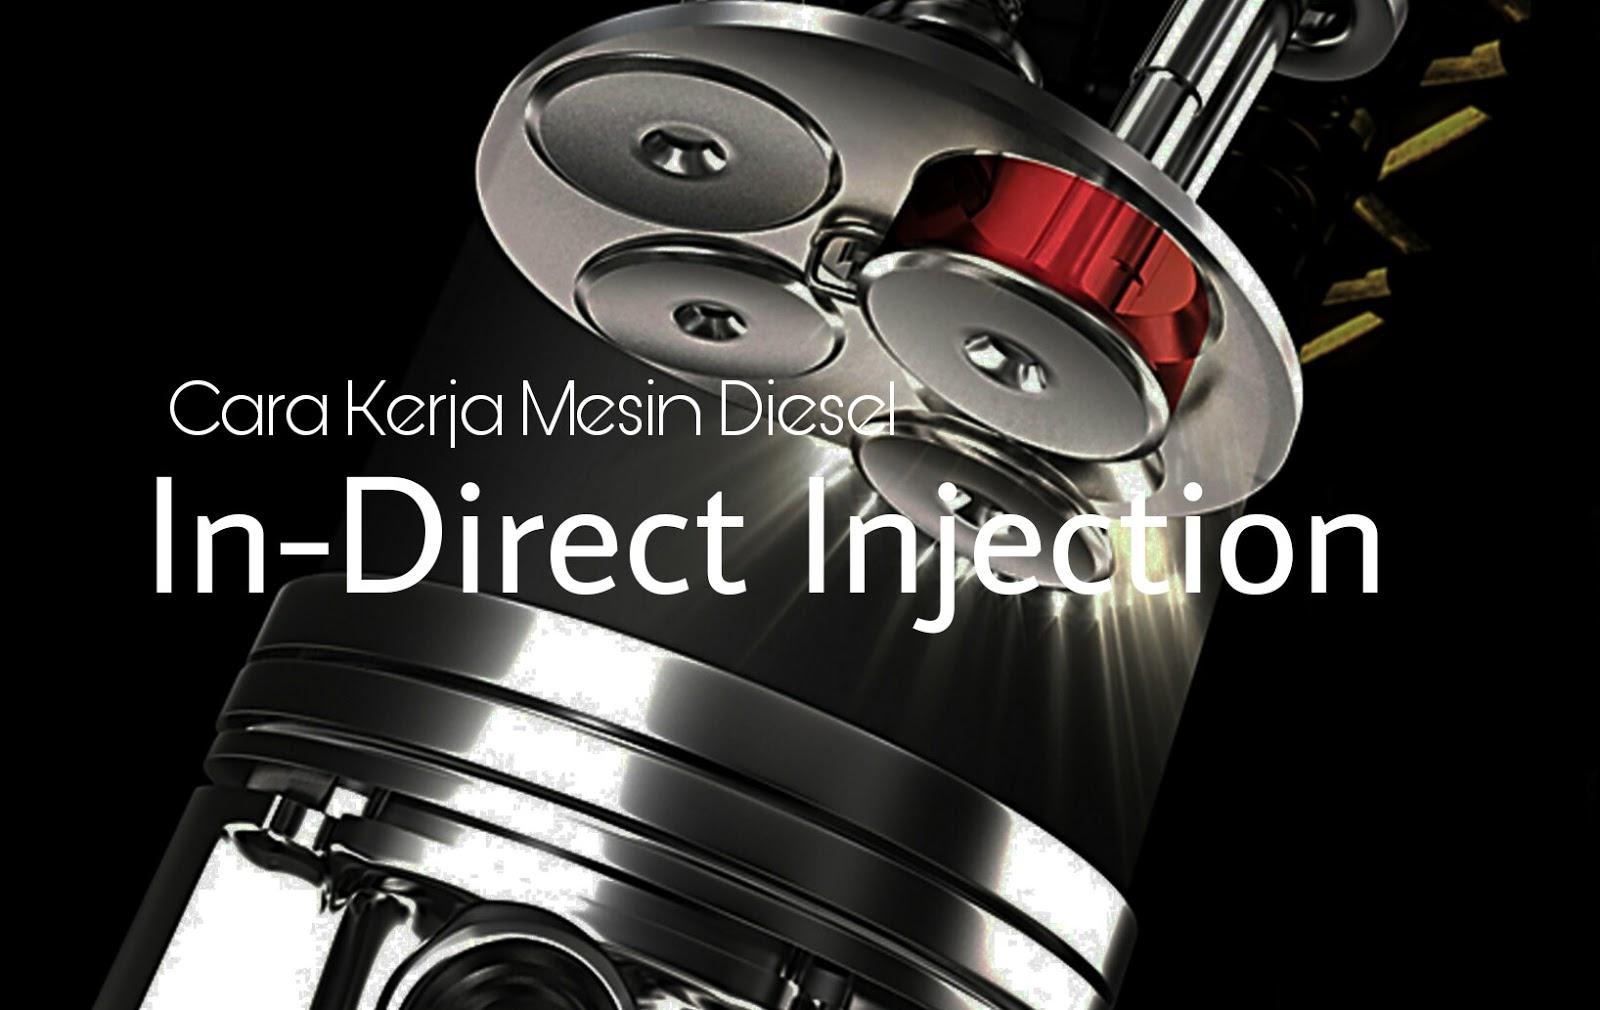 Cara Kerja Mesin Diesel In-Direct Injection + Gambar ...